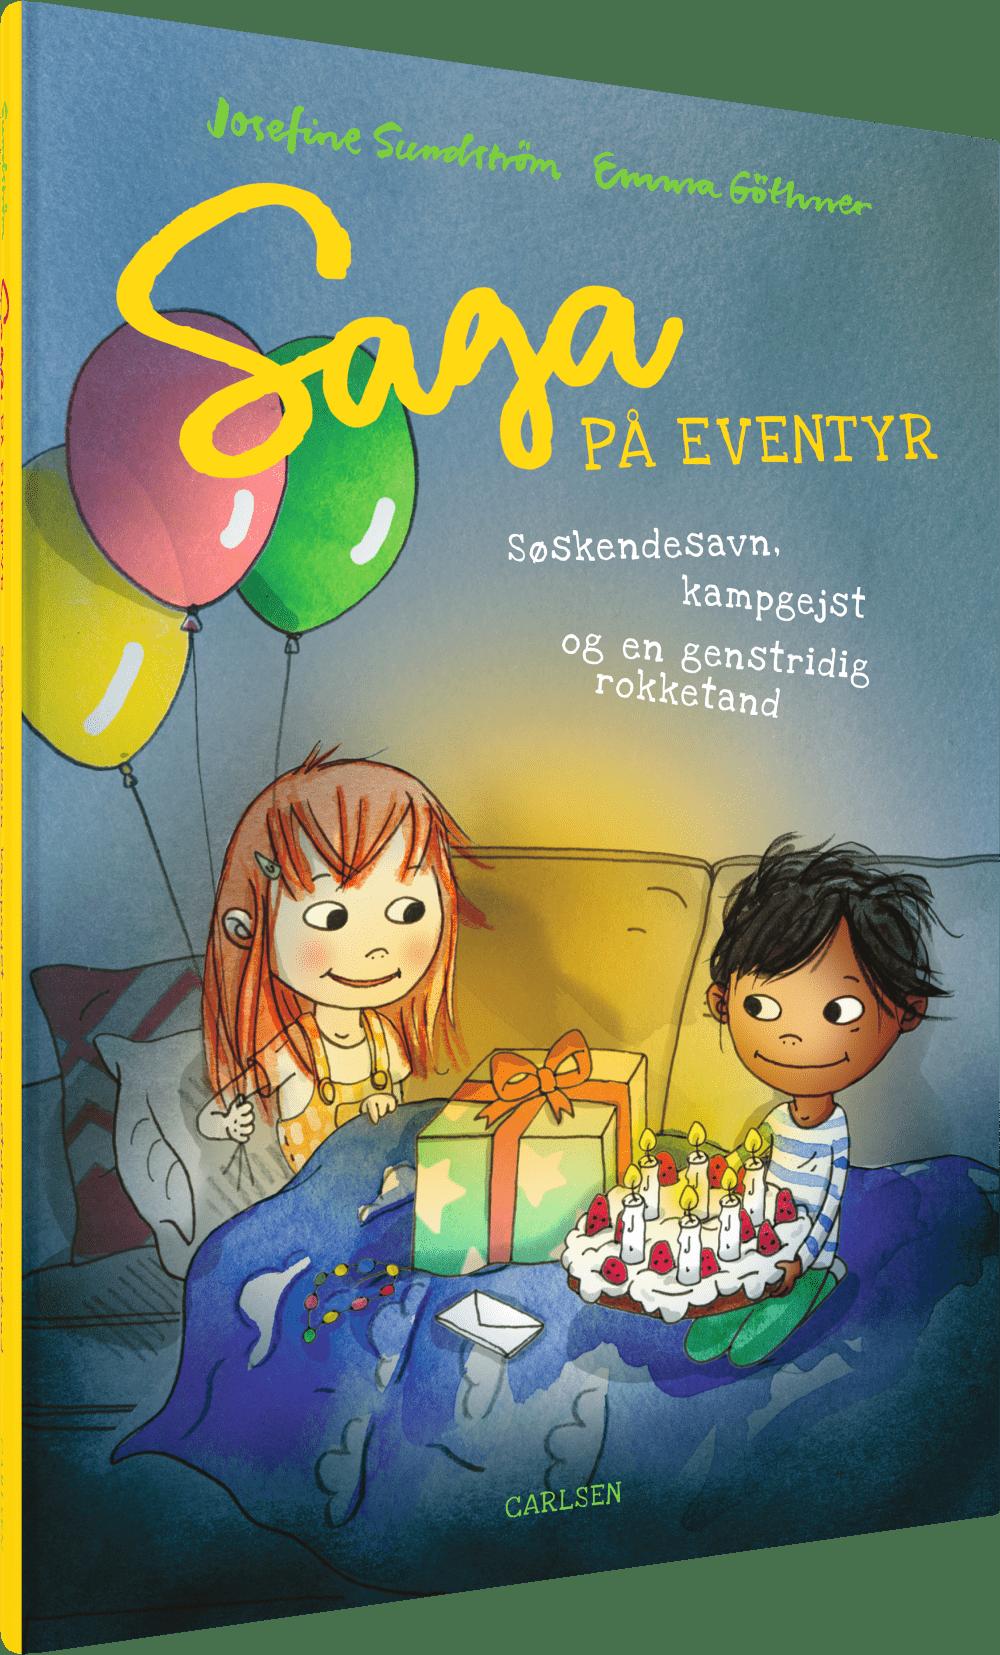 saga på eventyr, højtlæsning, bøger til 5-årige